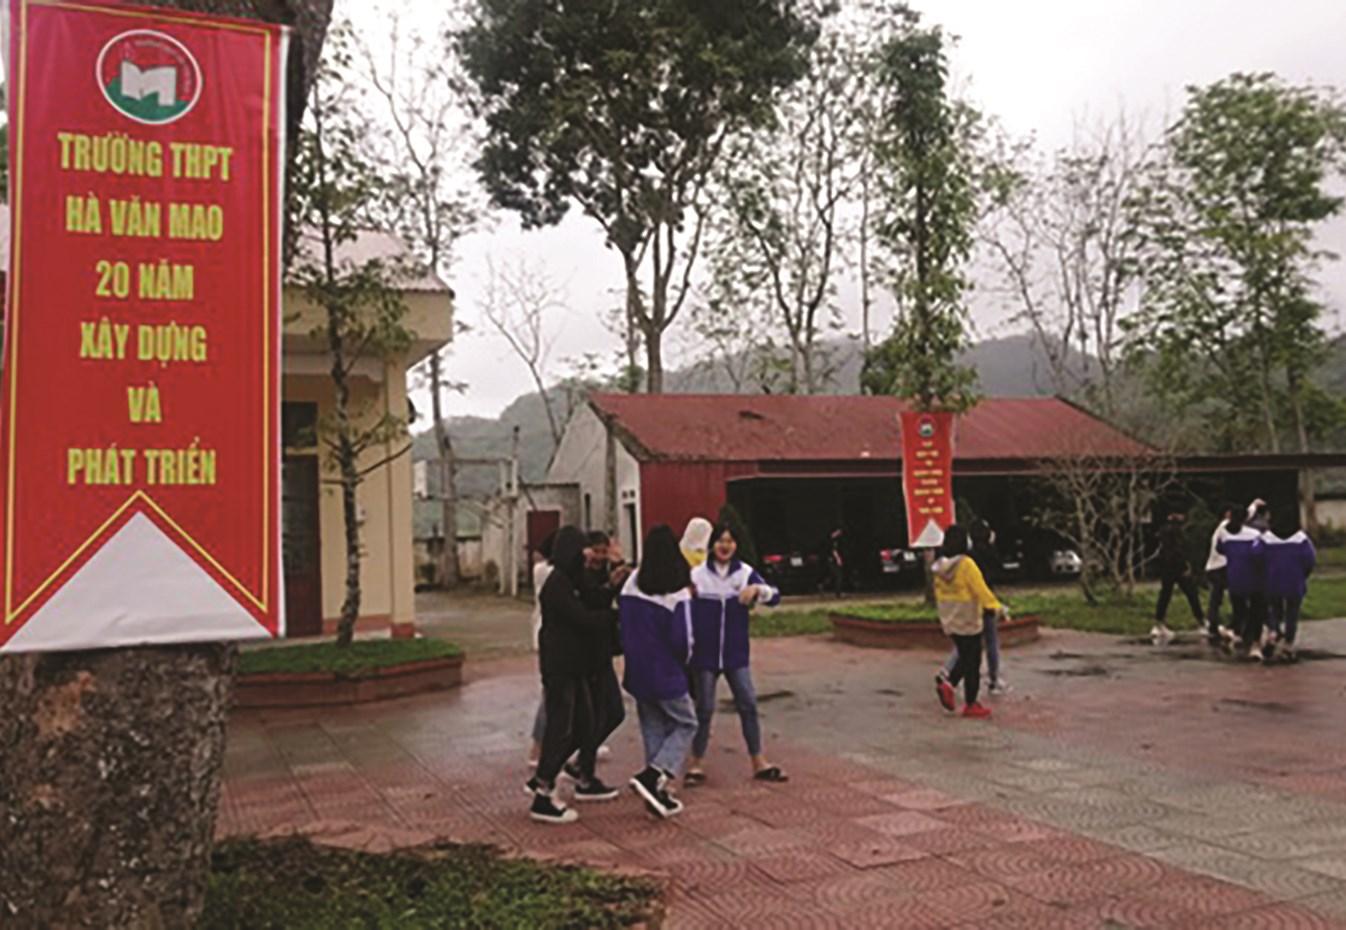 Trường THPT Hà Văn Mao năm nay thiếu 27 chỉ tiêu vào lớp 10.